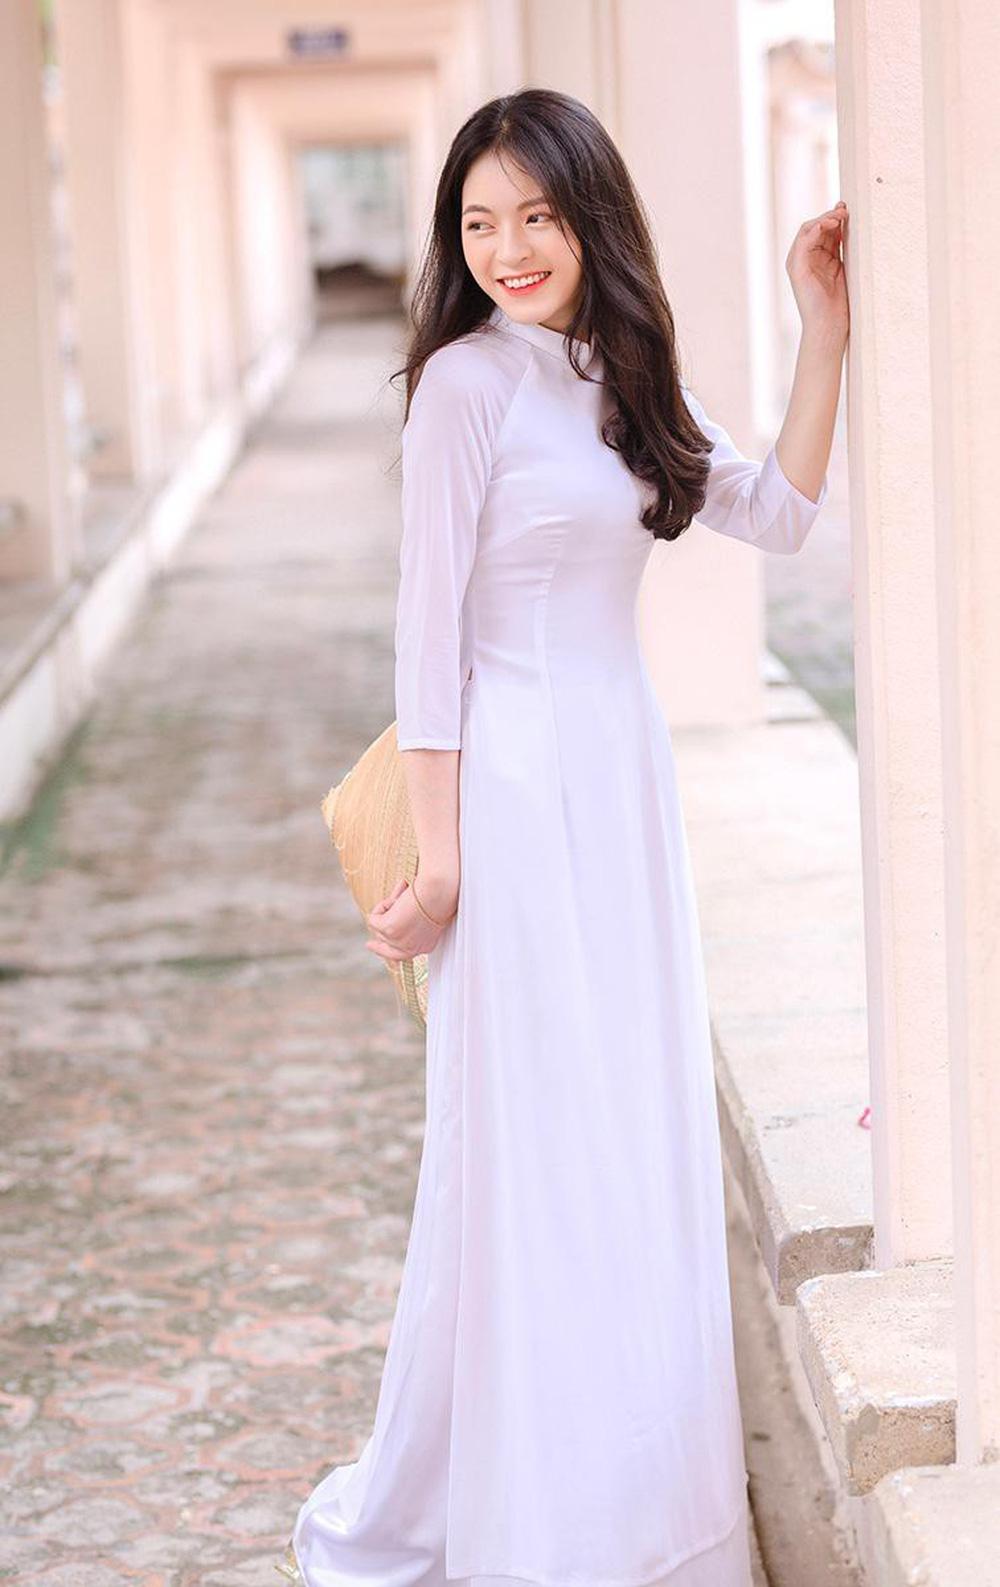 Hoa khôi trường Y sở hữu vẻ đẹp ngọt ngào gây thương nhớ trong tà áo dài - Ảnh 7.